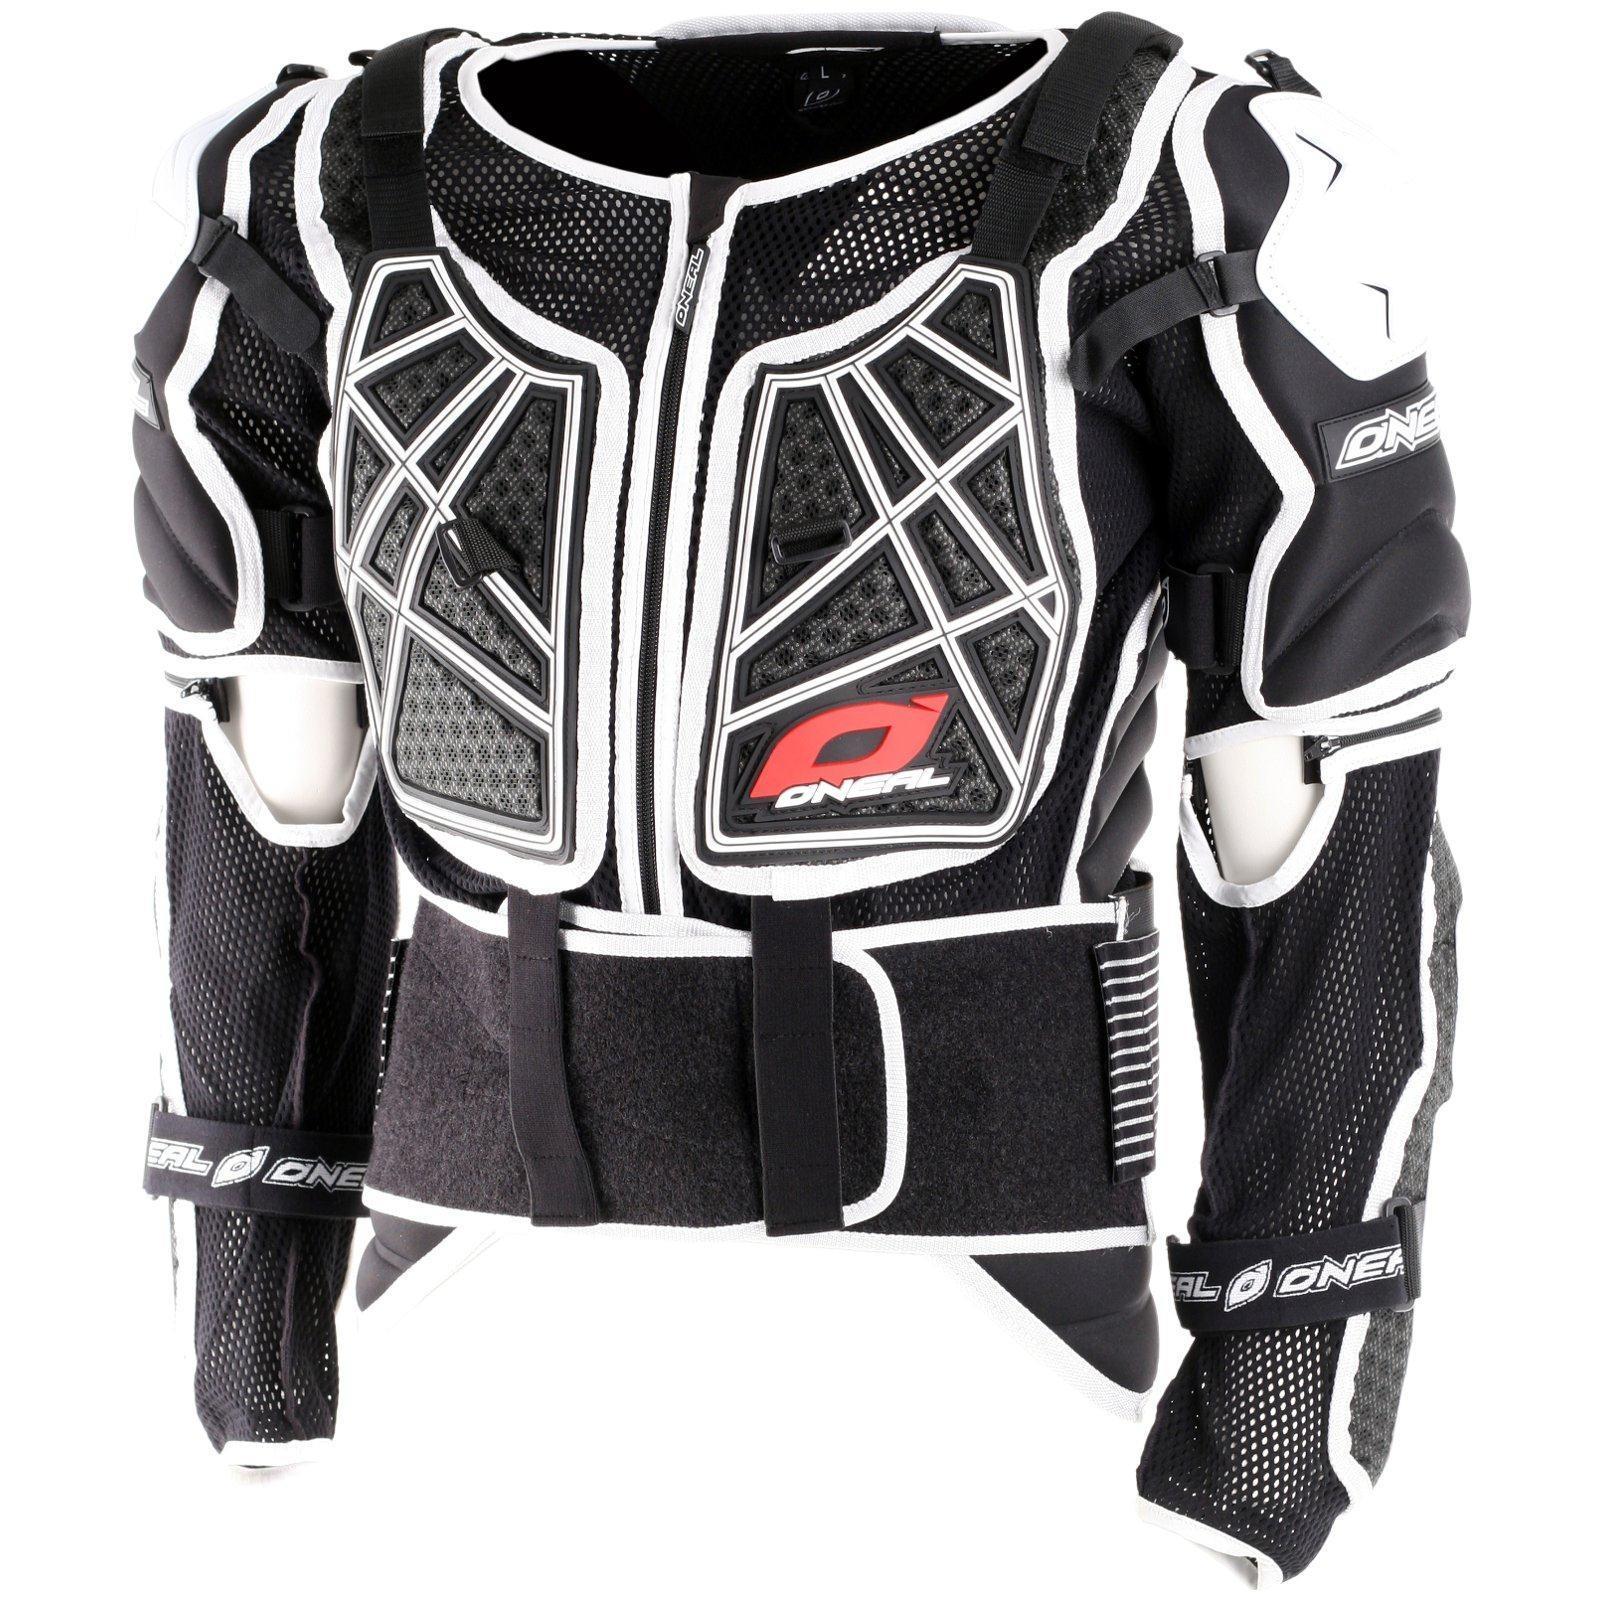 Oneal-protectores-chaqueta-pecho-tanques-chaqueta-moto-cross-FR-DH-proteccion-chaleco-MX-MTB miniatura 17